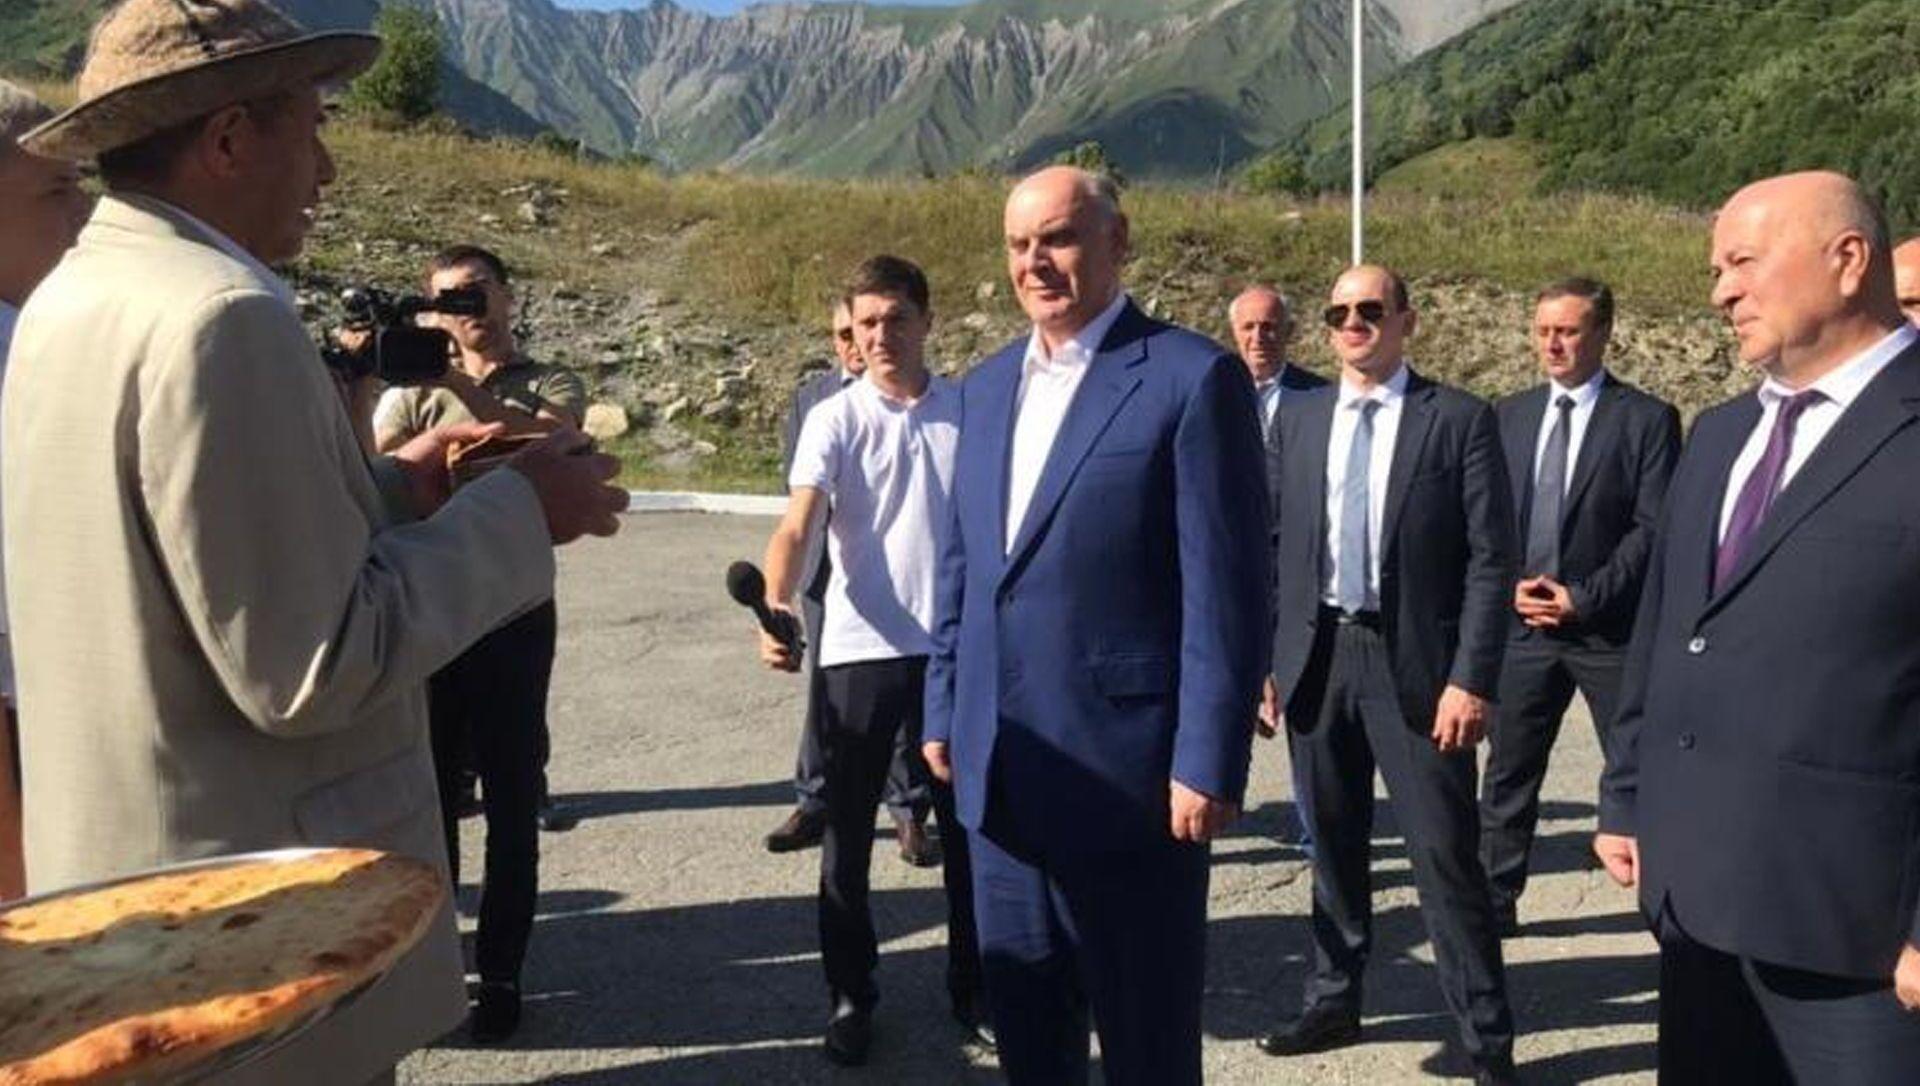 В Республику Южная Осетия с официальным визитом прибыла делегация Республики Абхазия во главе с Президентом Асланом Бжания - Sputnik Южная Осетия, 1920, 06.08.2021